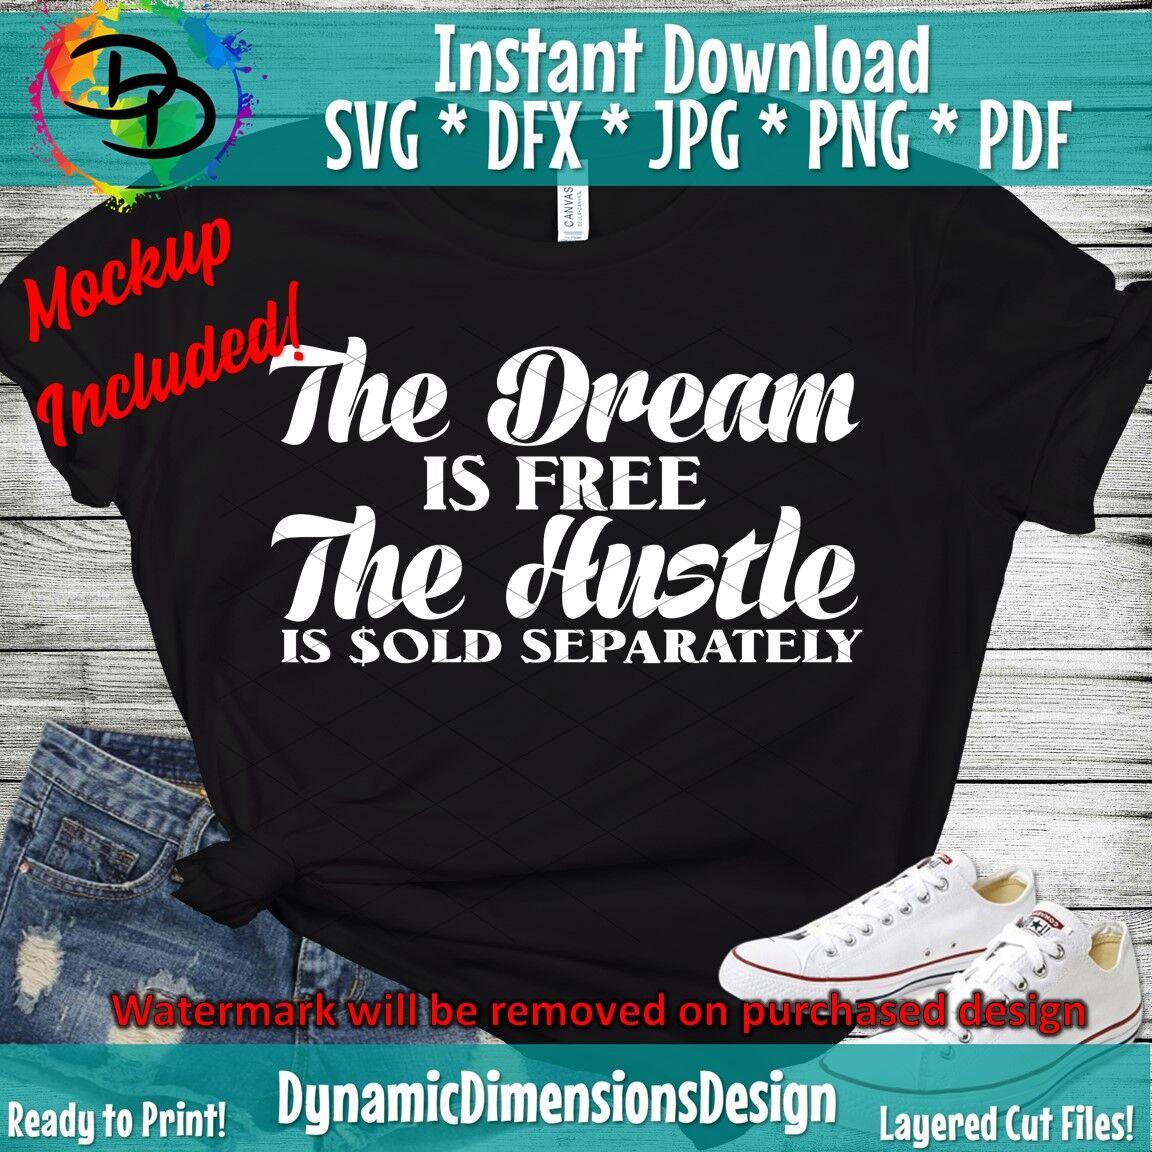 Hustle PDF Free Download